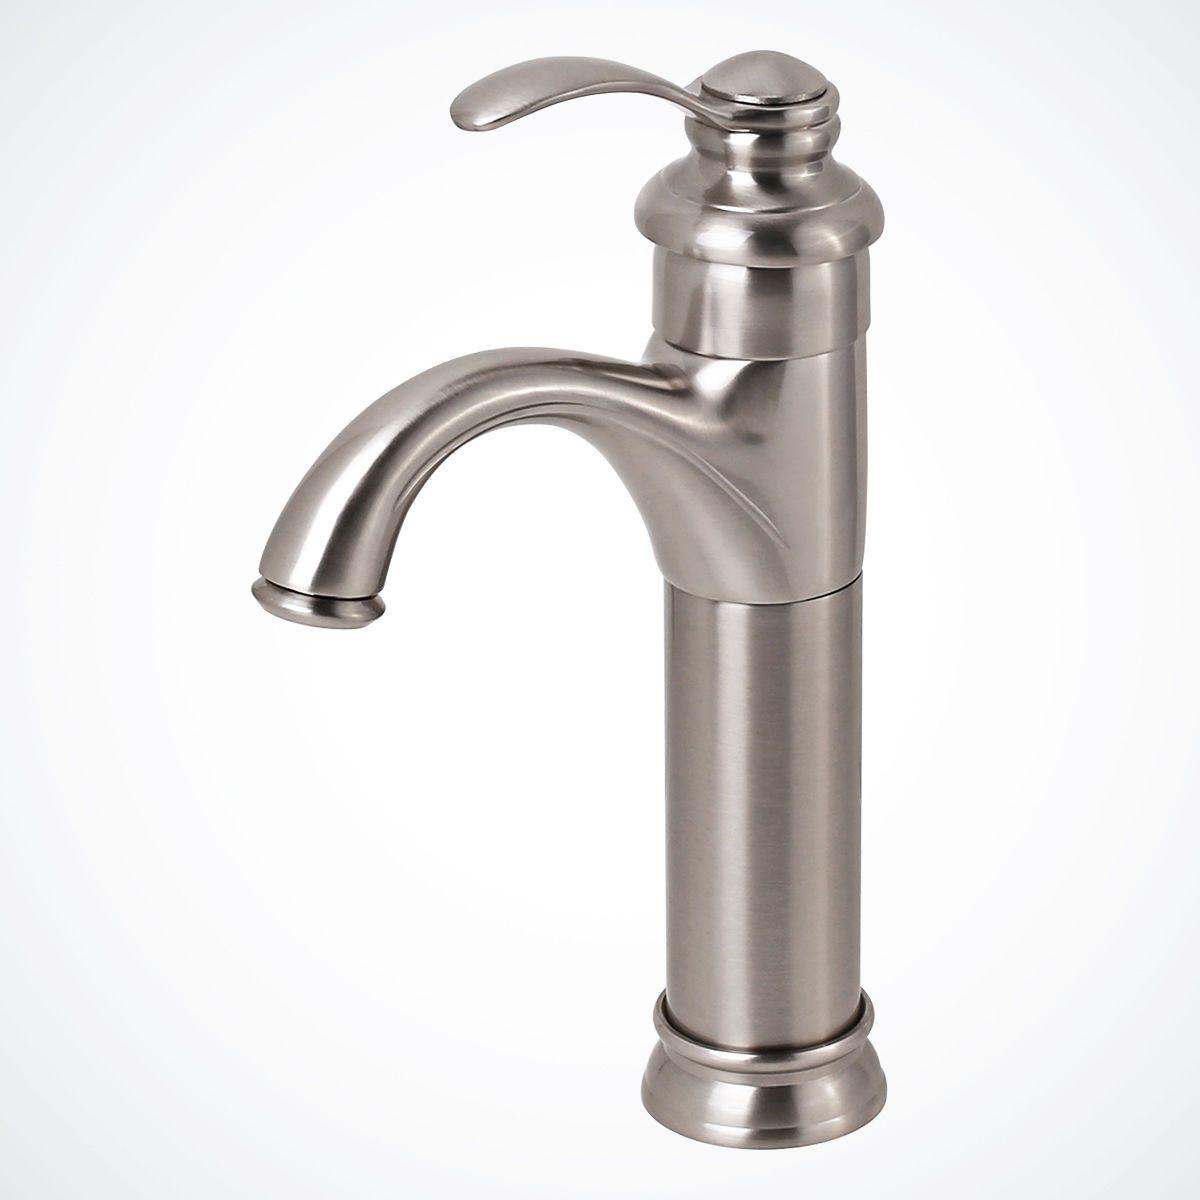 New Brushed Nickel Euro Modern Bathroom Vessel Sink Faucet Vanity